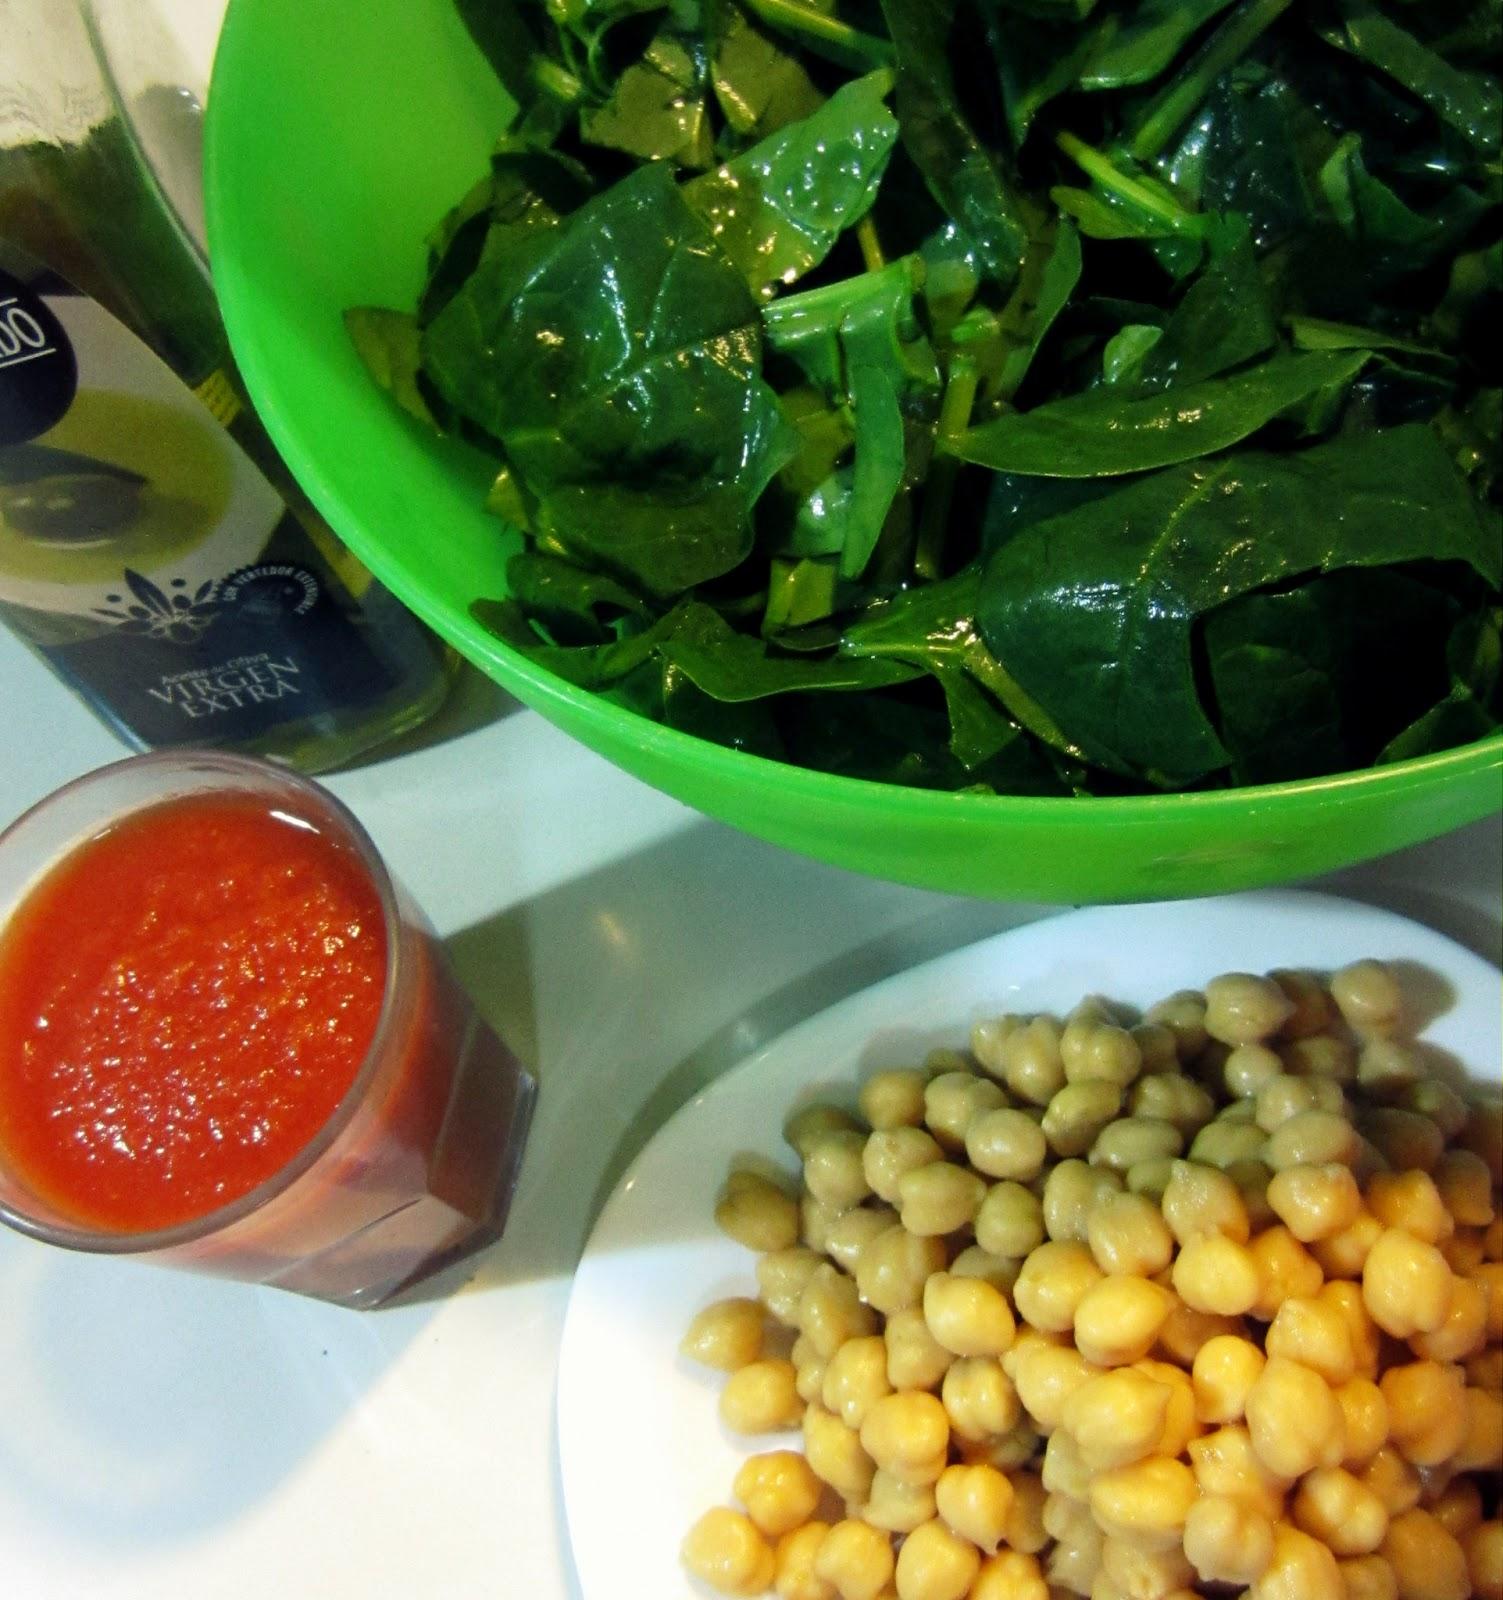 ... Dinner time #4 Espinacas con Garbanzos (Spinach with Garbanzo Beans